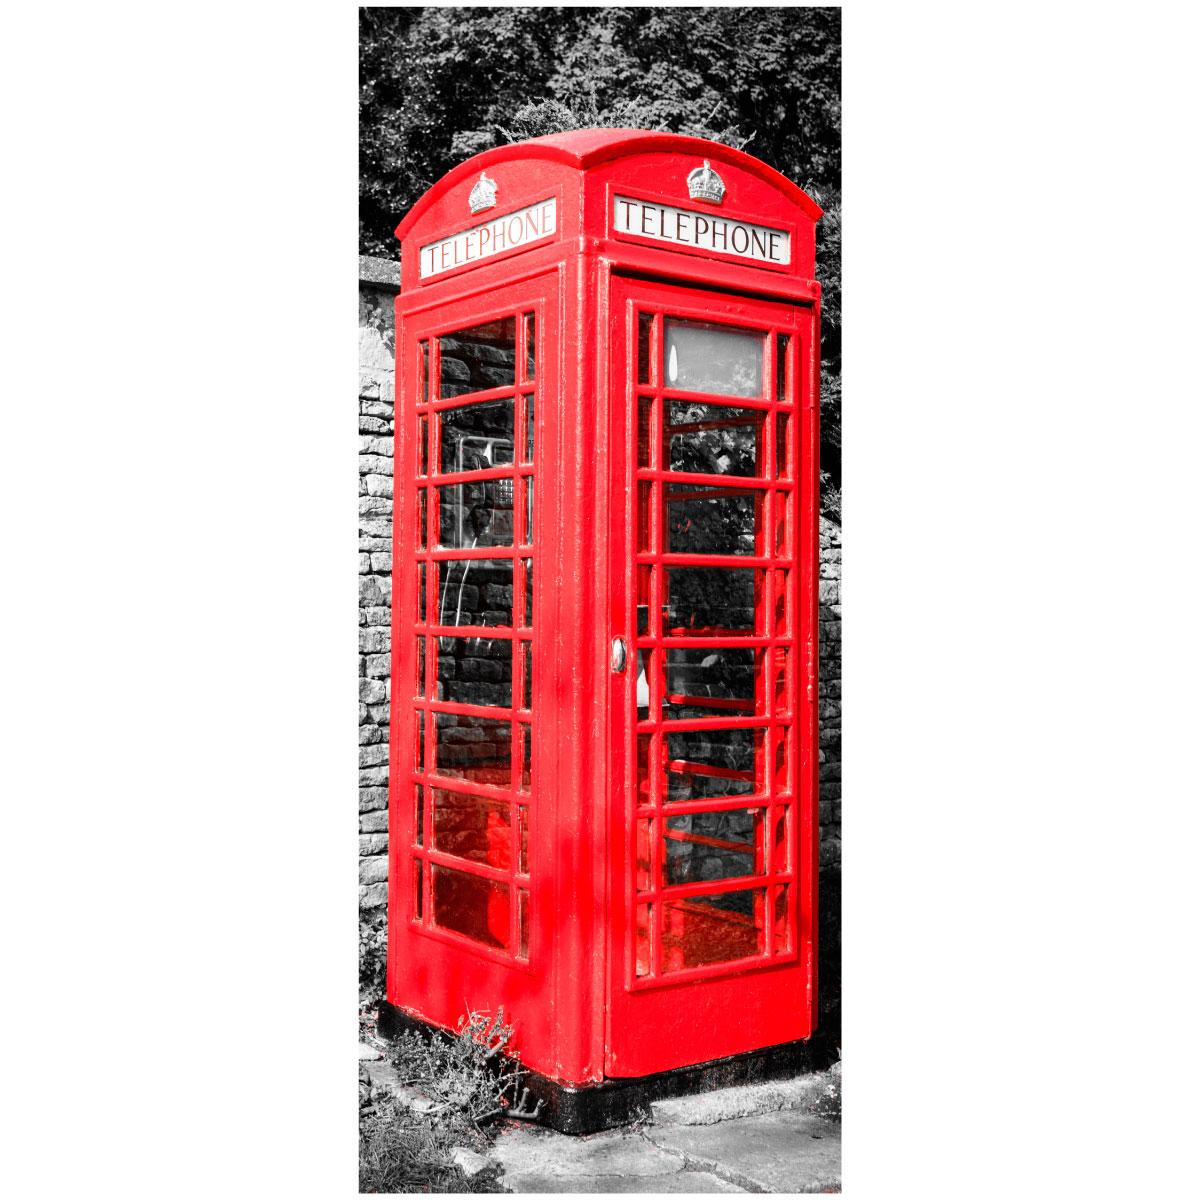 Sticker porte londres cabine t l phonique anglaise stickers stickers villes et voyages londres - Meuble cabine telephonique anglaise ...